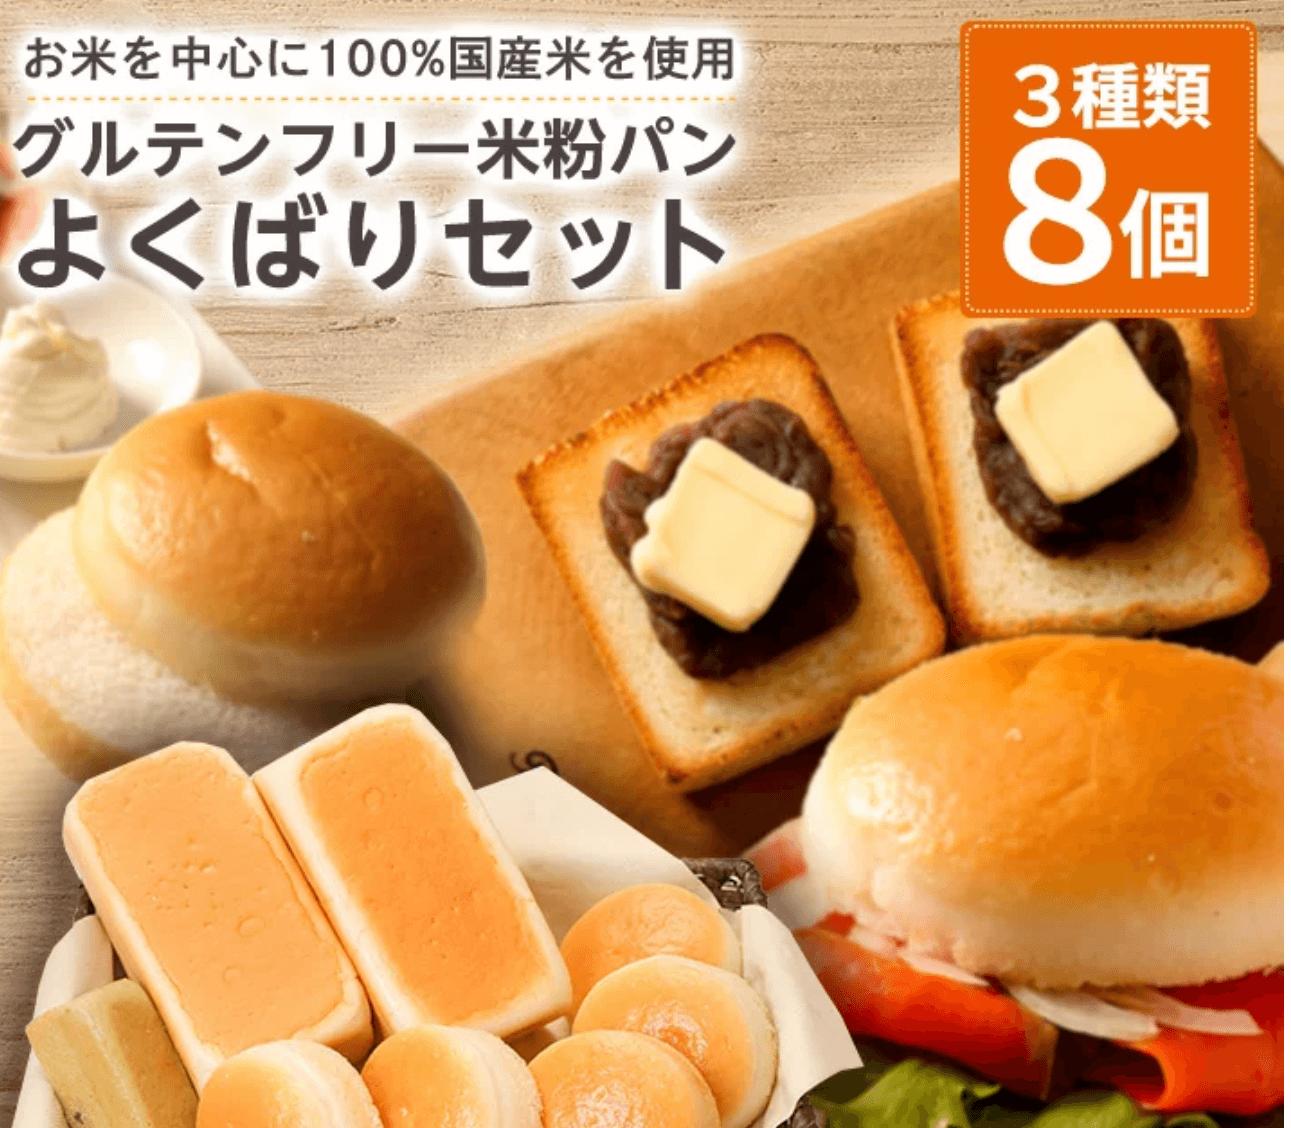 【結Musubi】グルテンフリー米粉パン よくばりセット